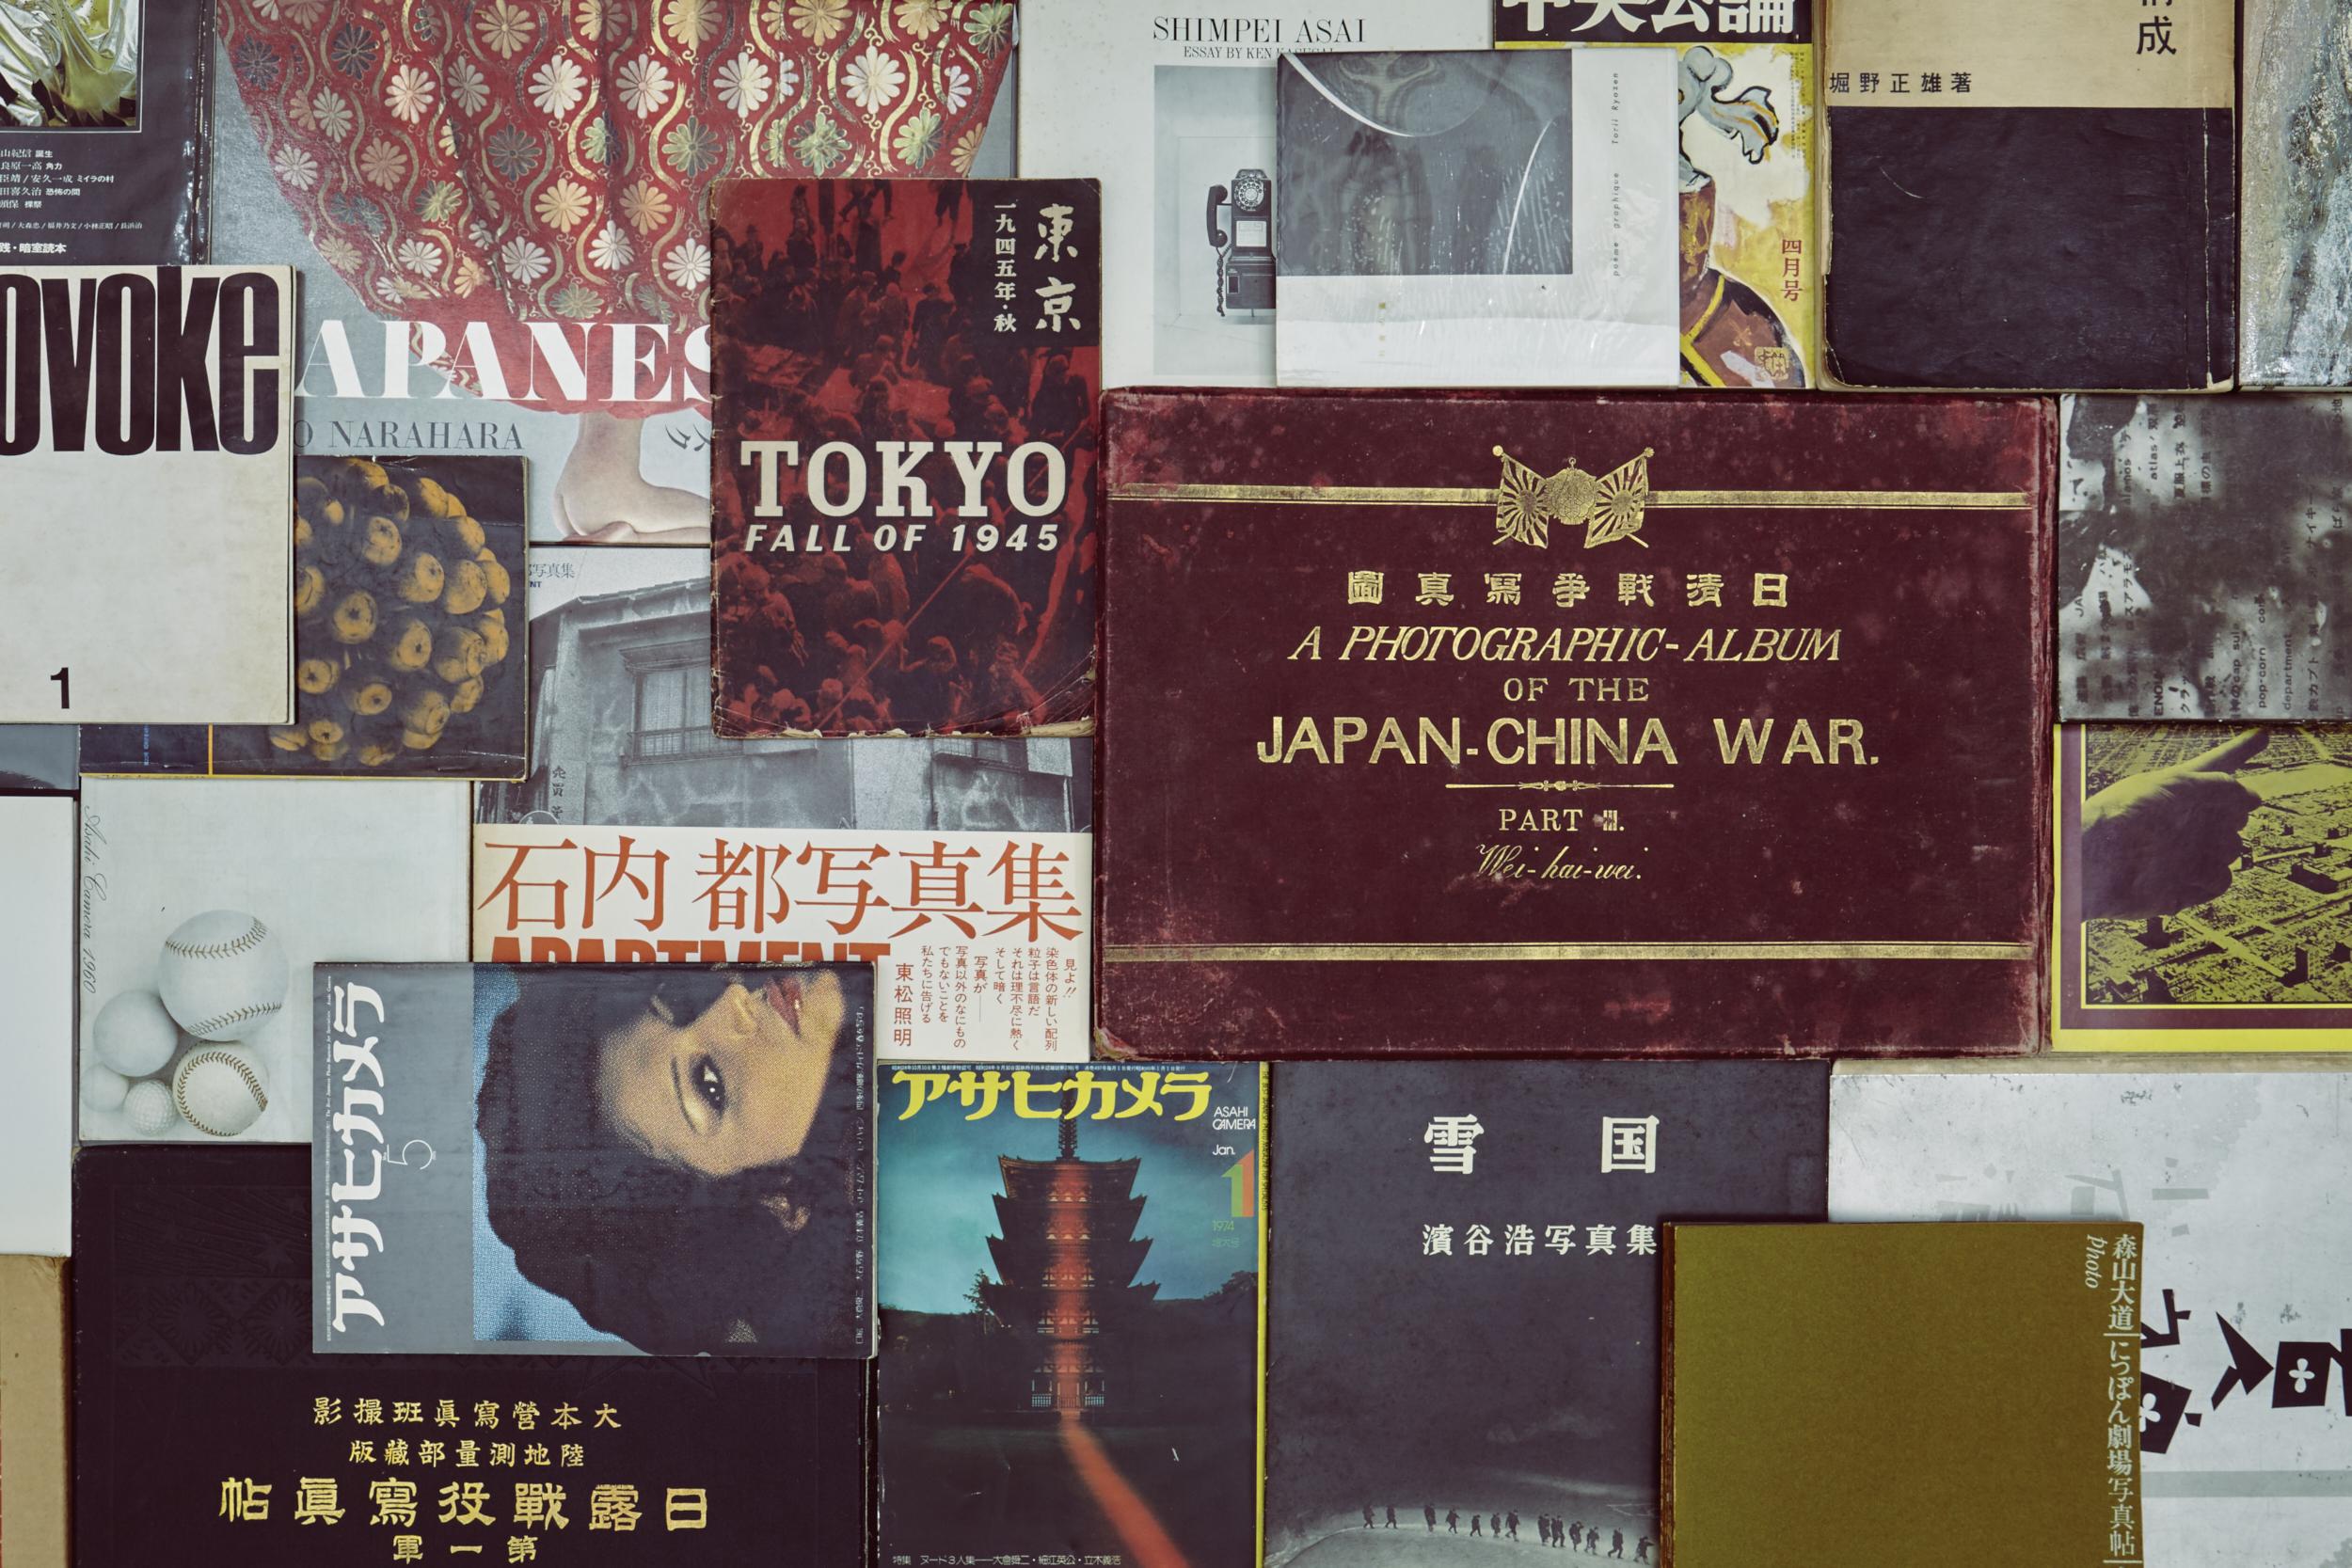 日本の写真集史を紹介 写真集展 「The Photobook」 【今週のおすすめアート】